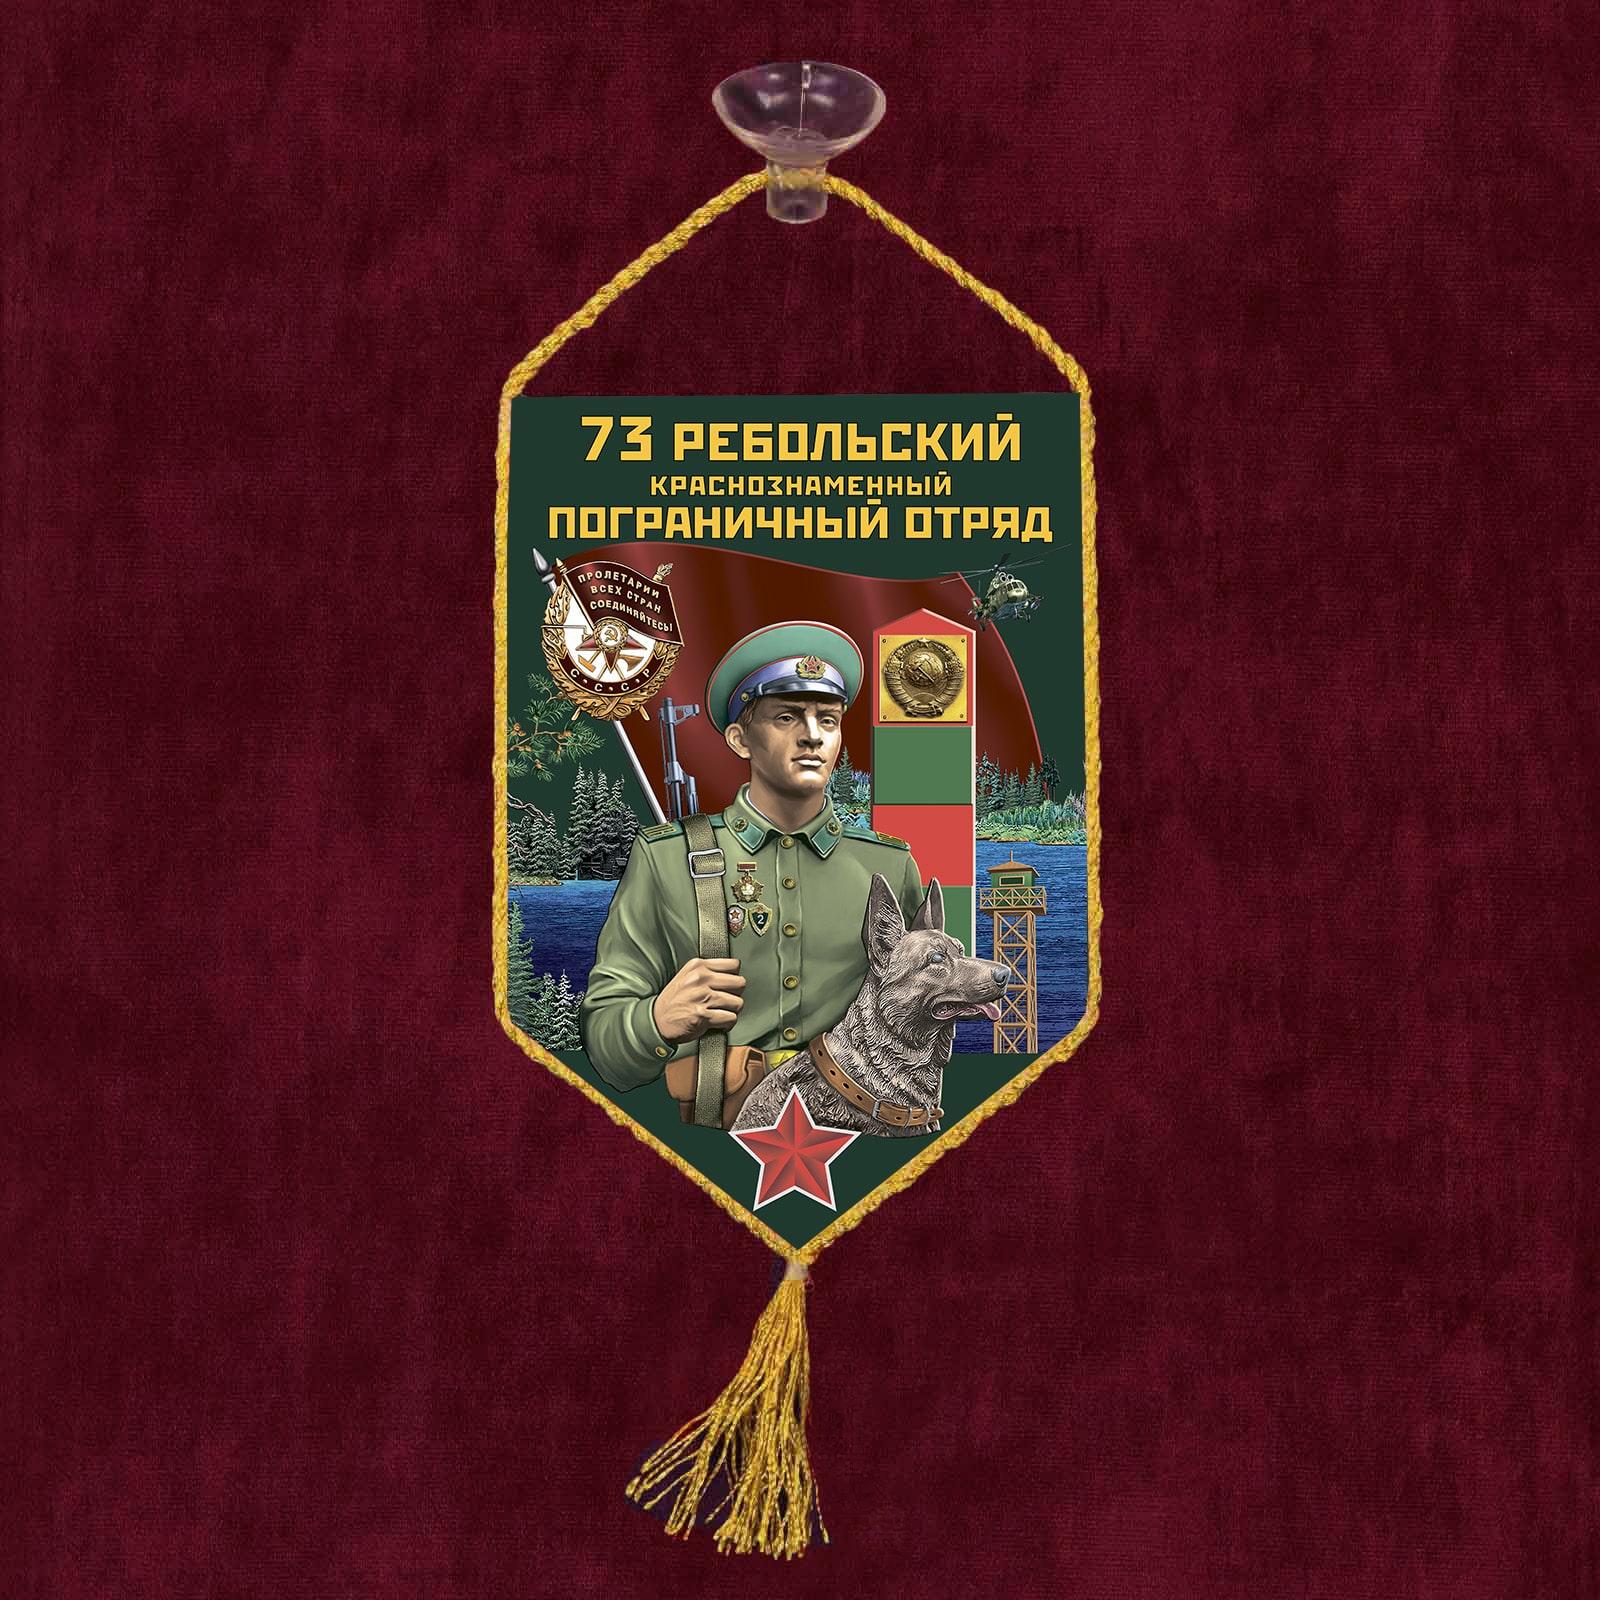 """Автомобильный вымпел """"73 Ребольский пограничный отряд"""""""